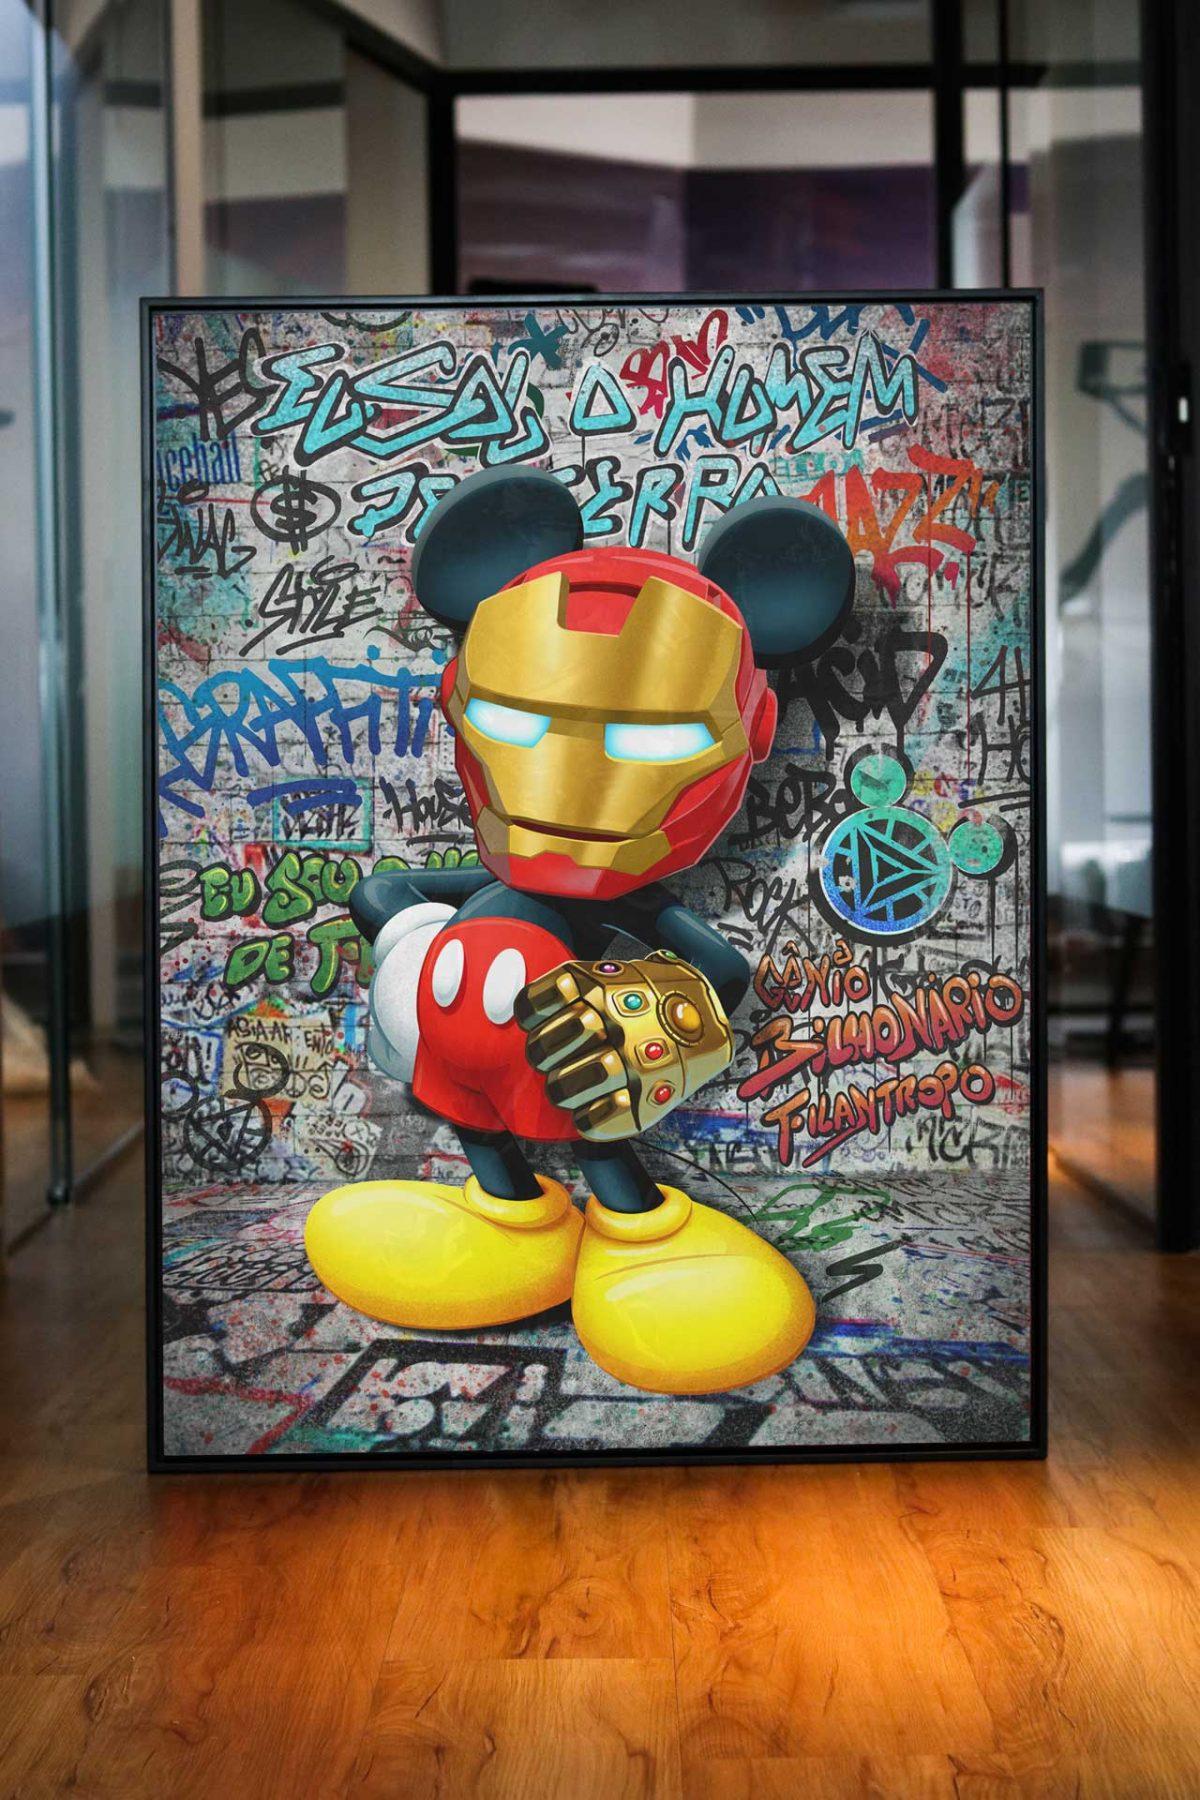 Quadro Decorativo Mickey Homem de Ferro Manopla do Universo quadro decorativo para sala mascara de ferro quadro decorativo para quarto máscara de ferro